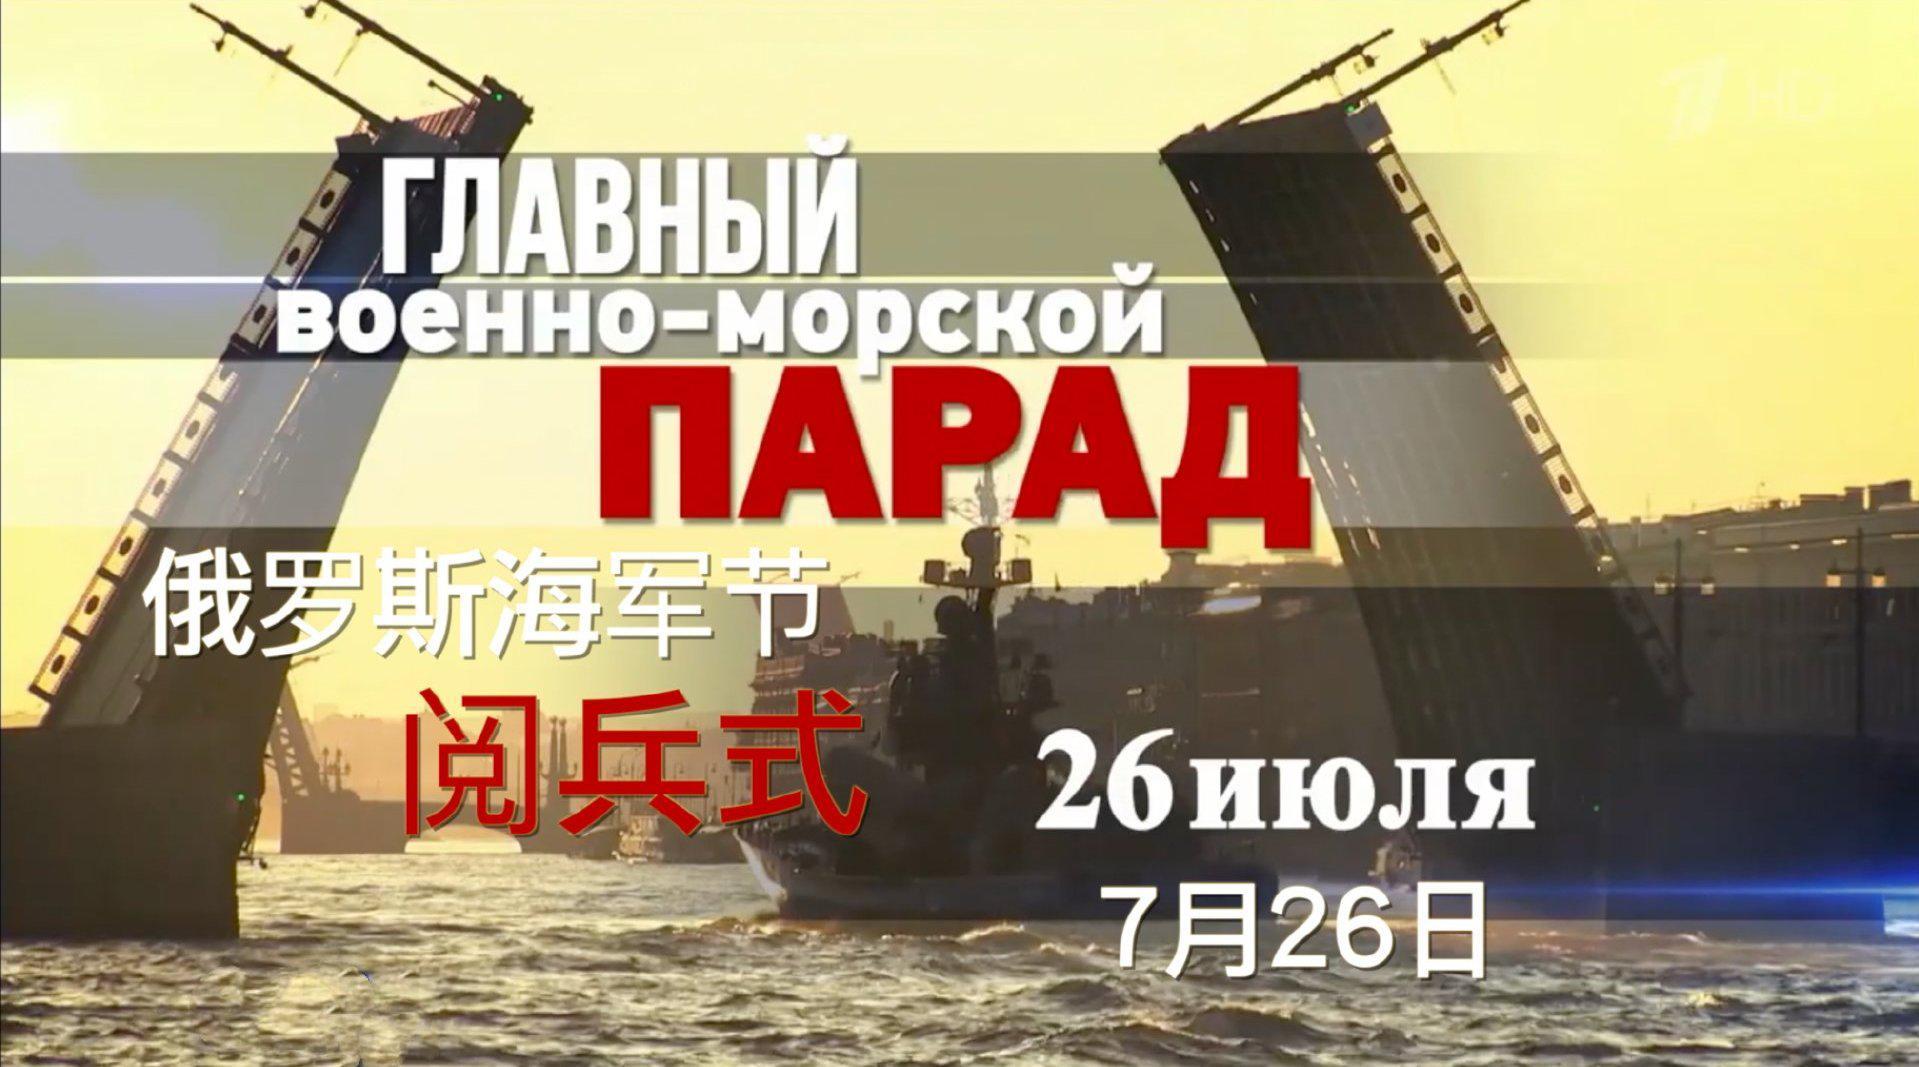 军迷福利!俄罗斯海军节阅兵式 首次彩排秀肌肉!